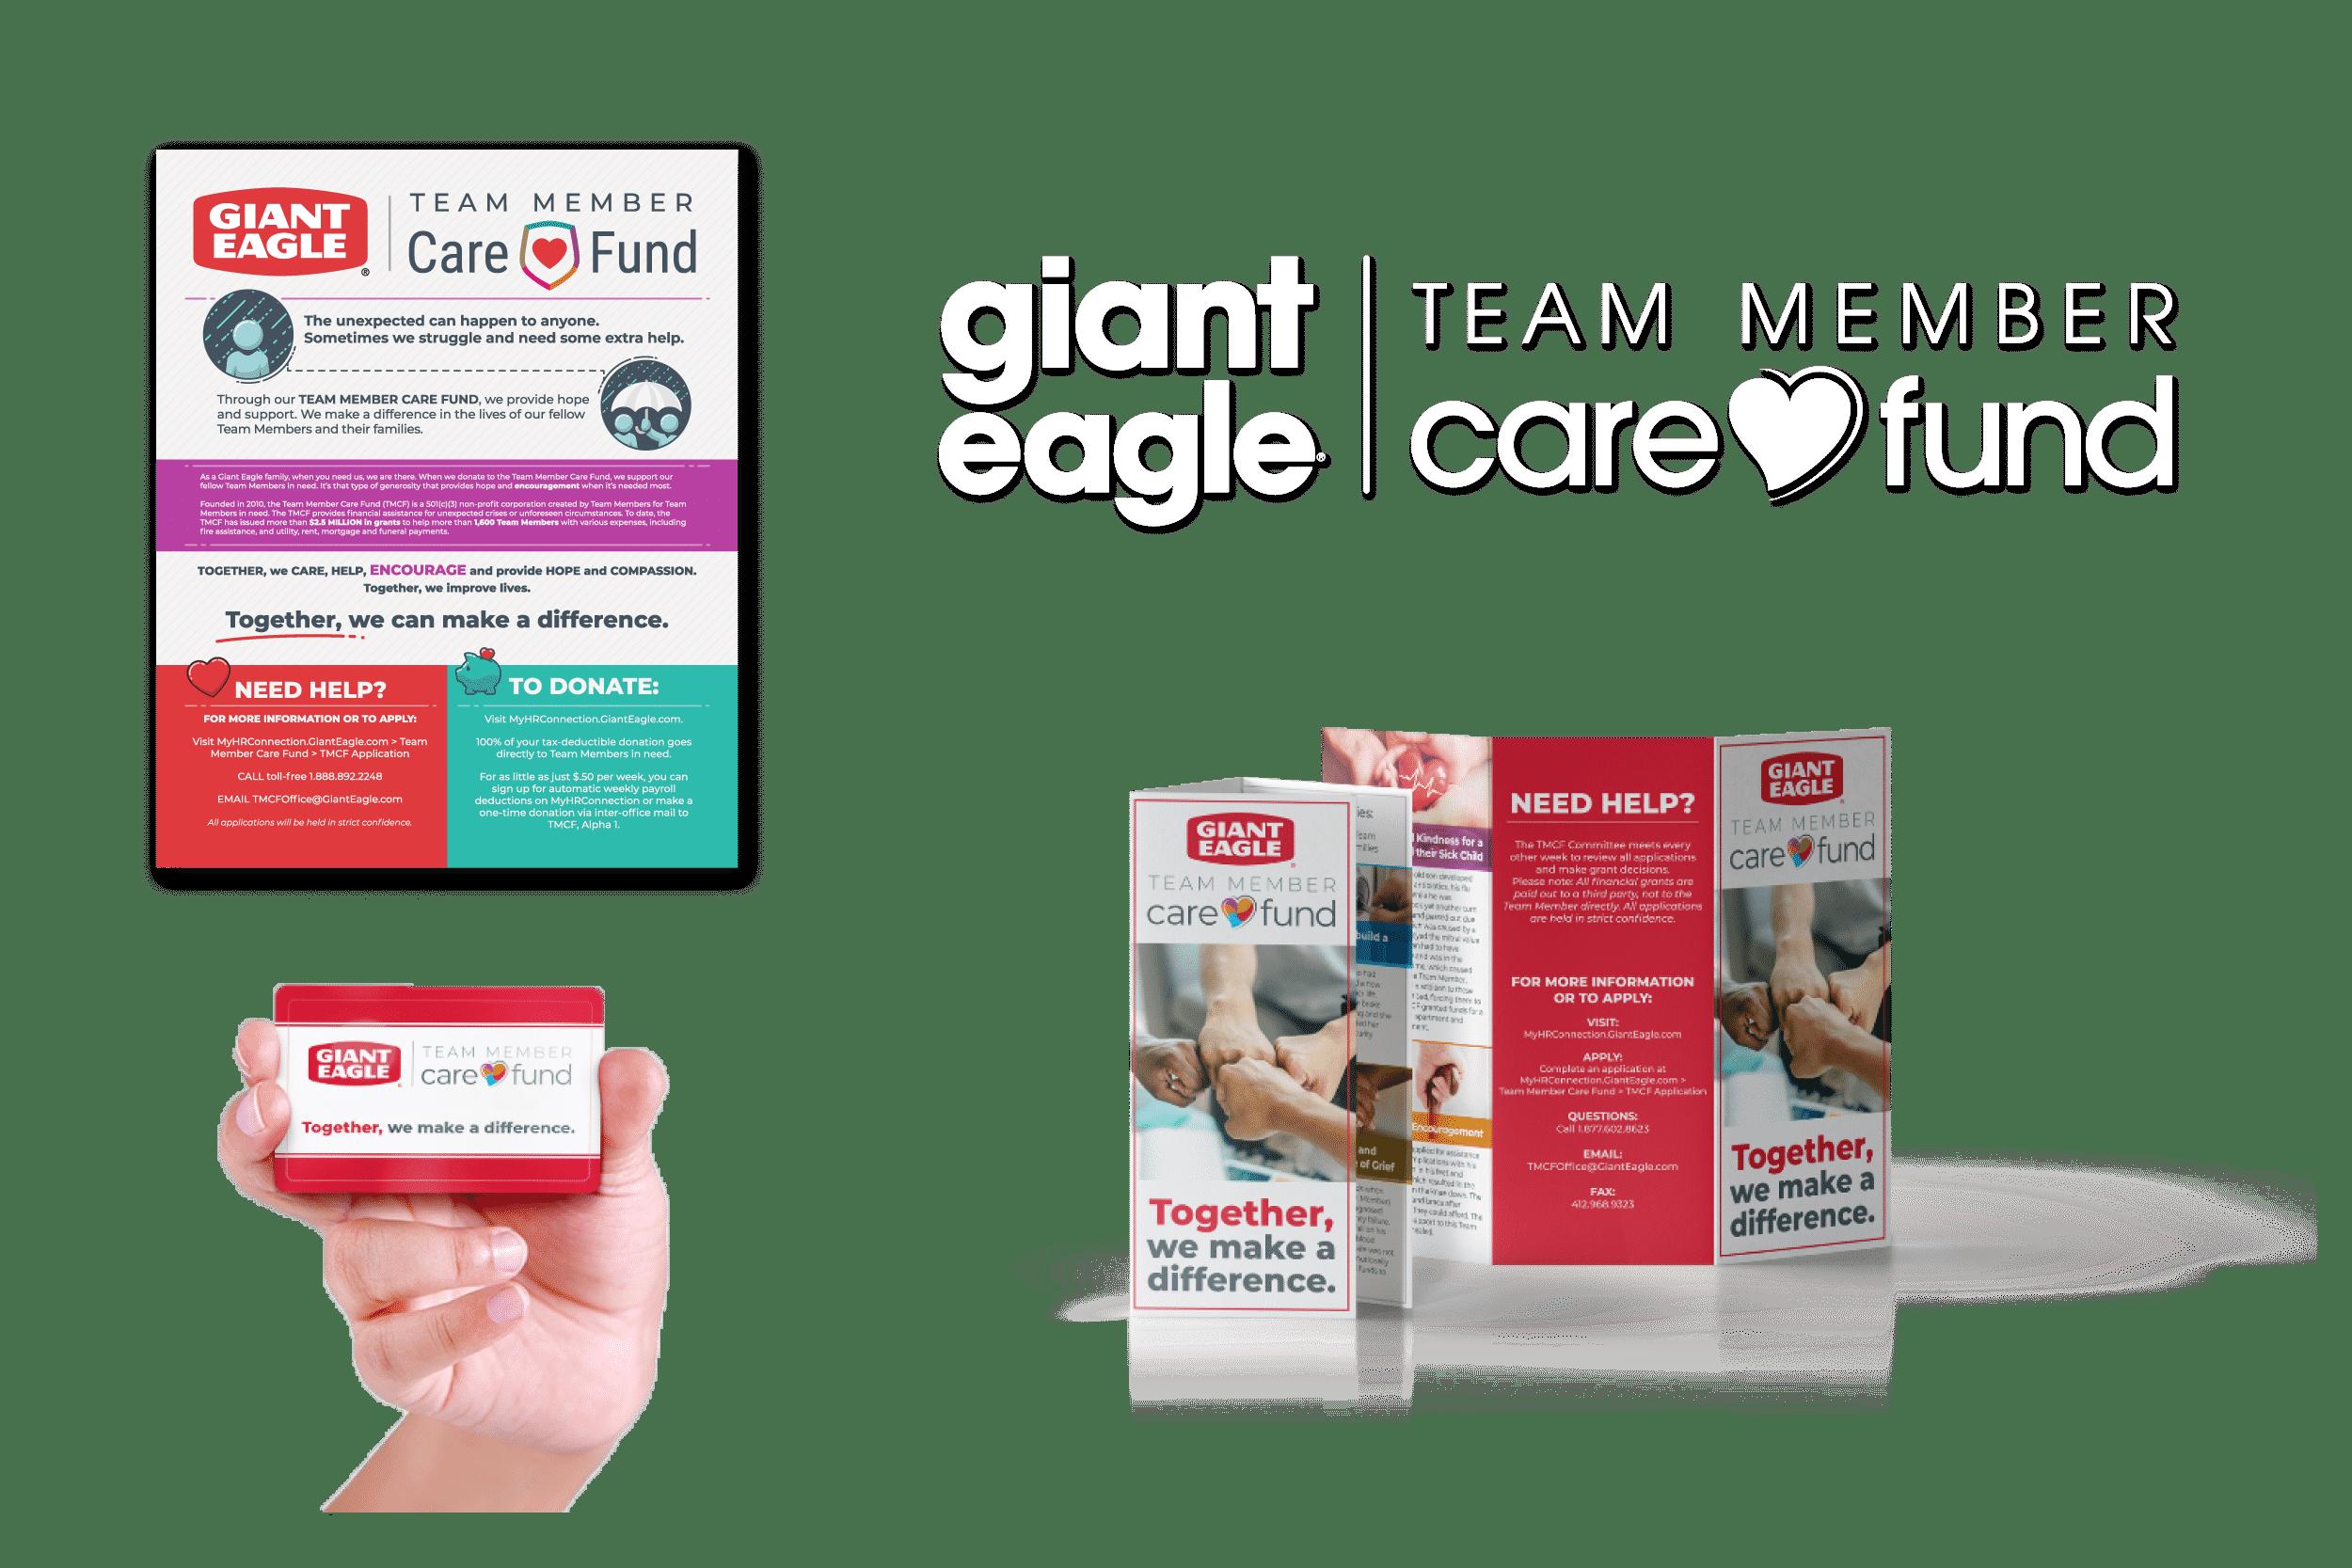 giant eagle team member care fund branding